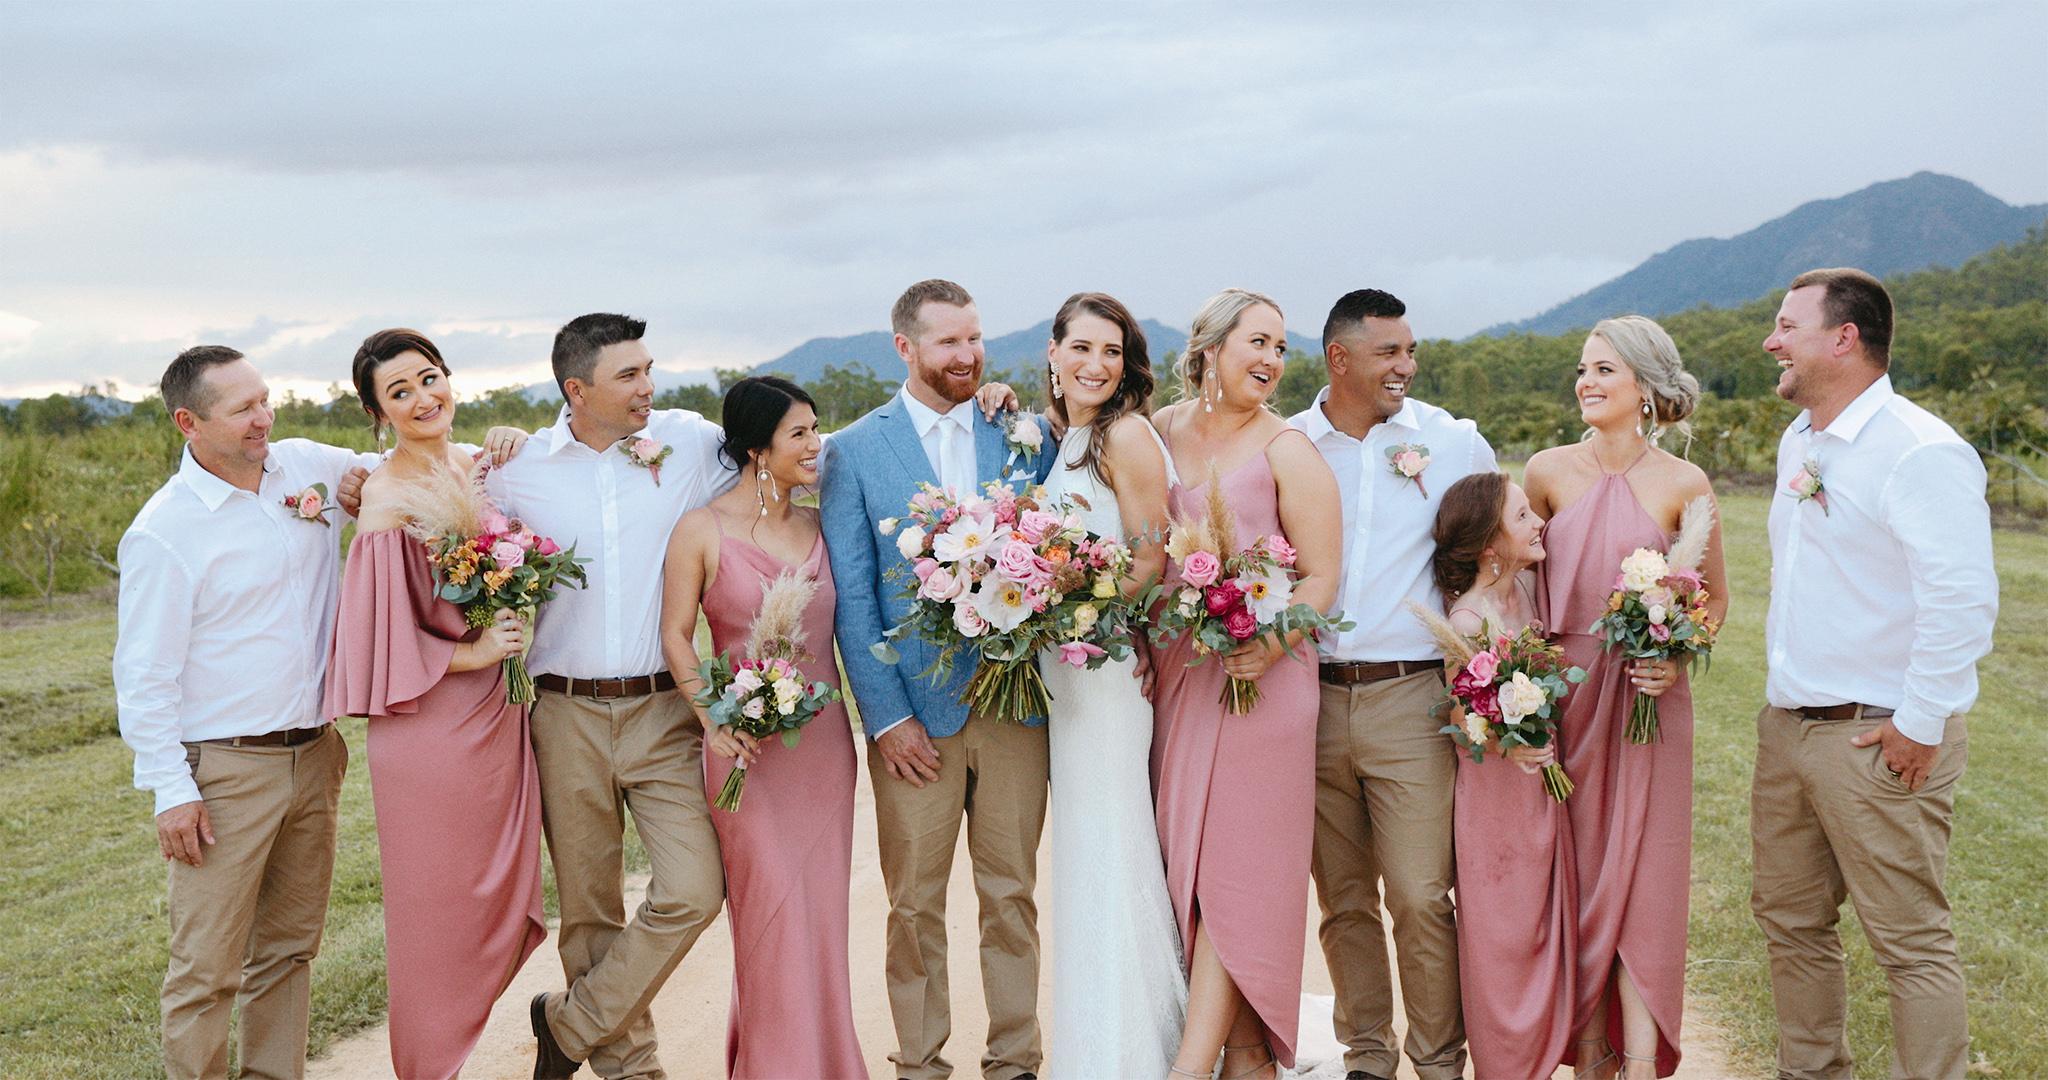 Brianna & Darren Wedding Image_1.jpg